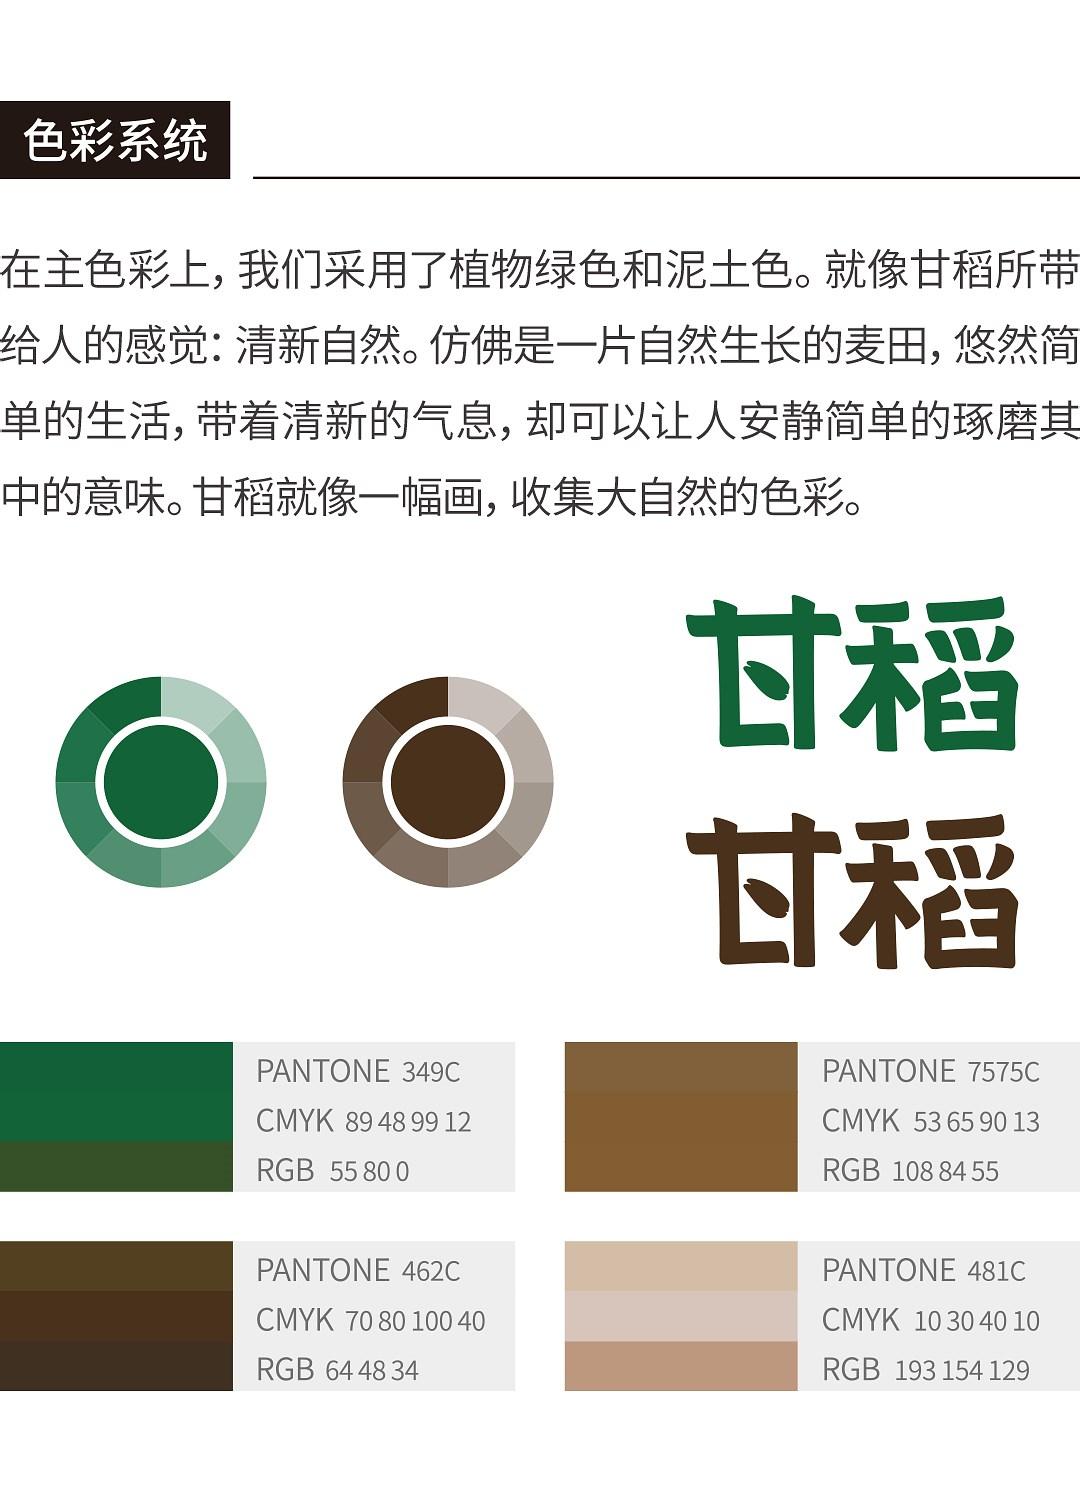 【设计切片】甘道设计案例长图_xd_180521_08.jpg